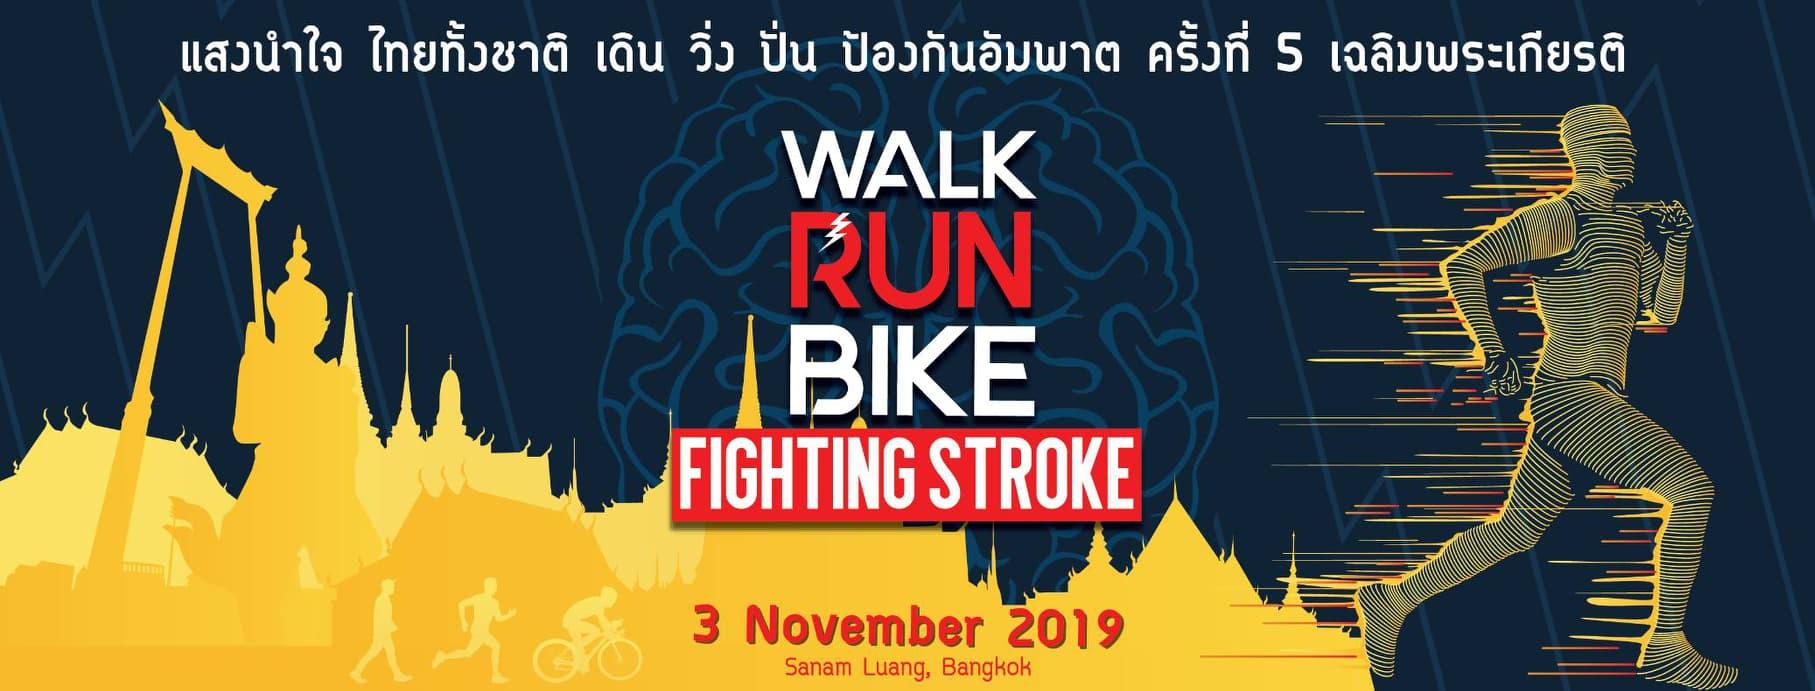 แสงนำใจไทยทั้งชาติ เดิน วิ่ง ปั่น ป้องกันอัมพาต ครั้งที่ 5 เฉลิมพระเกียรติ